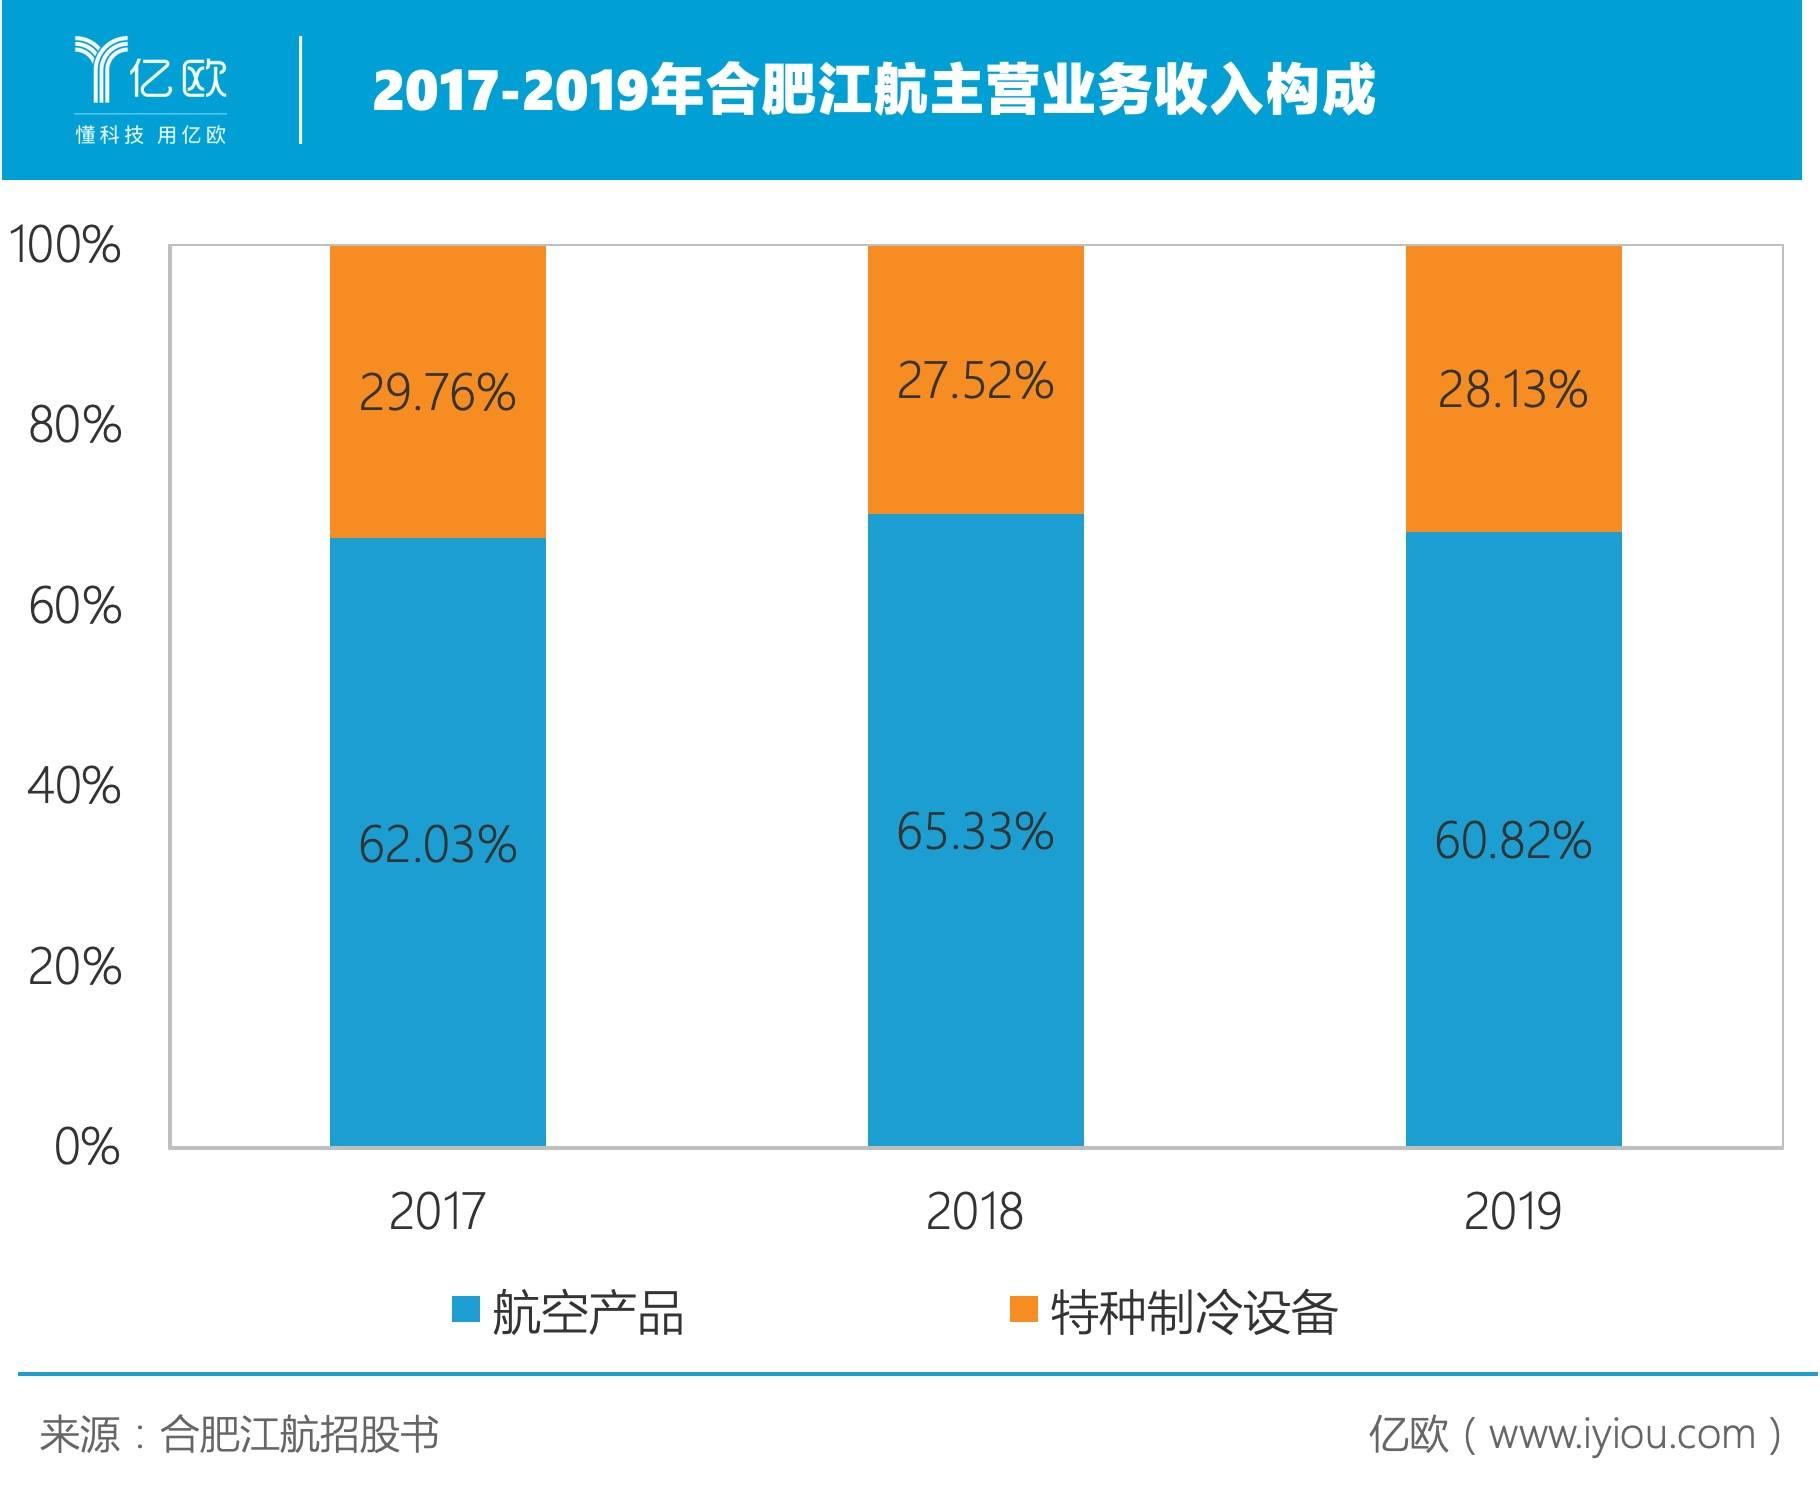 2017-2019年合肥江航主营业务收入构成.jpeg